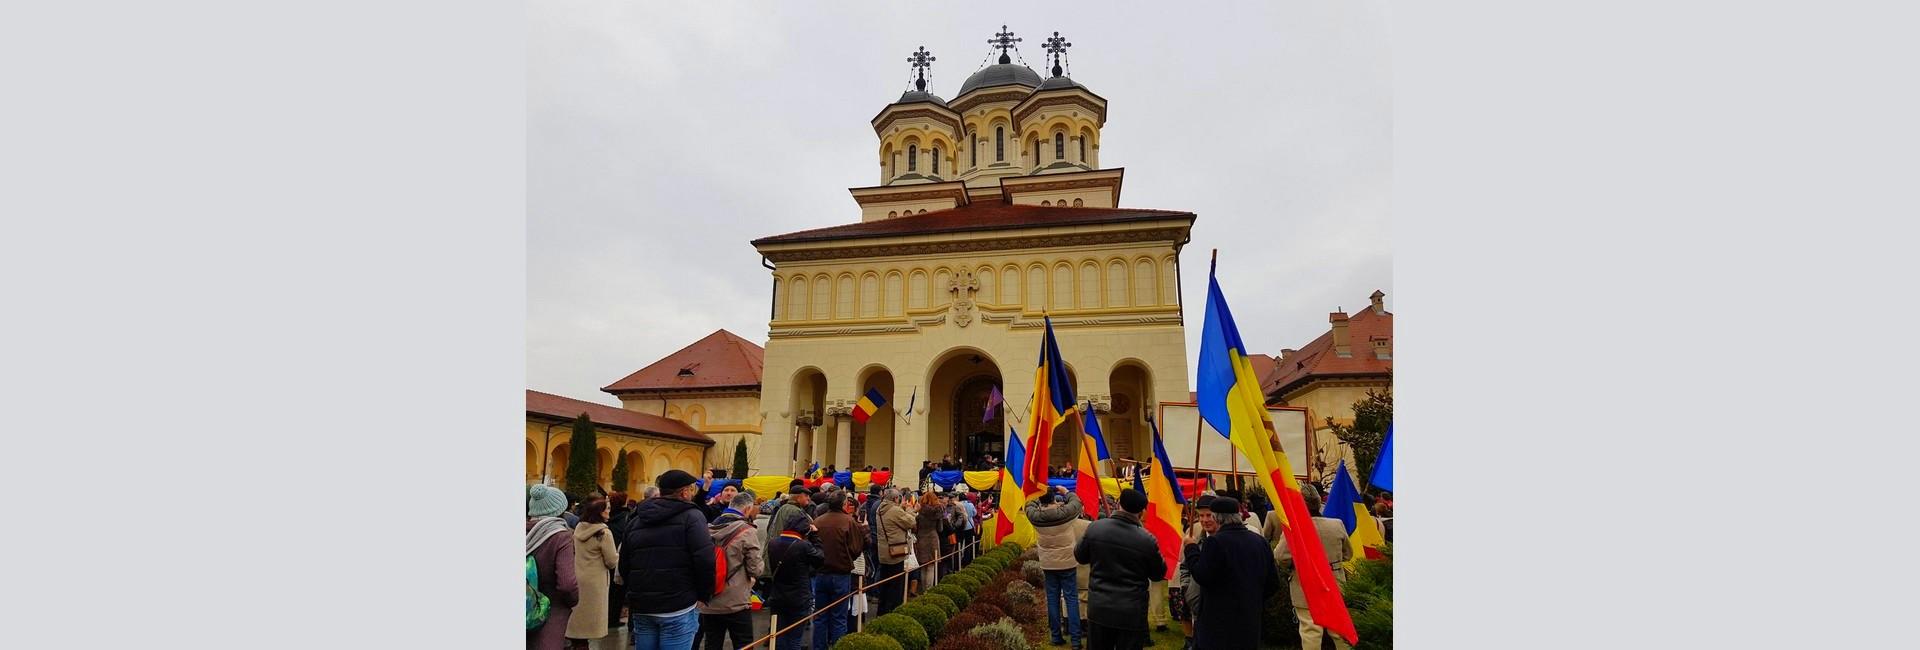 Ziua Națională a României la Alba Iulia slider